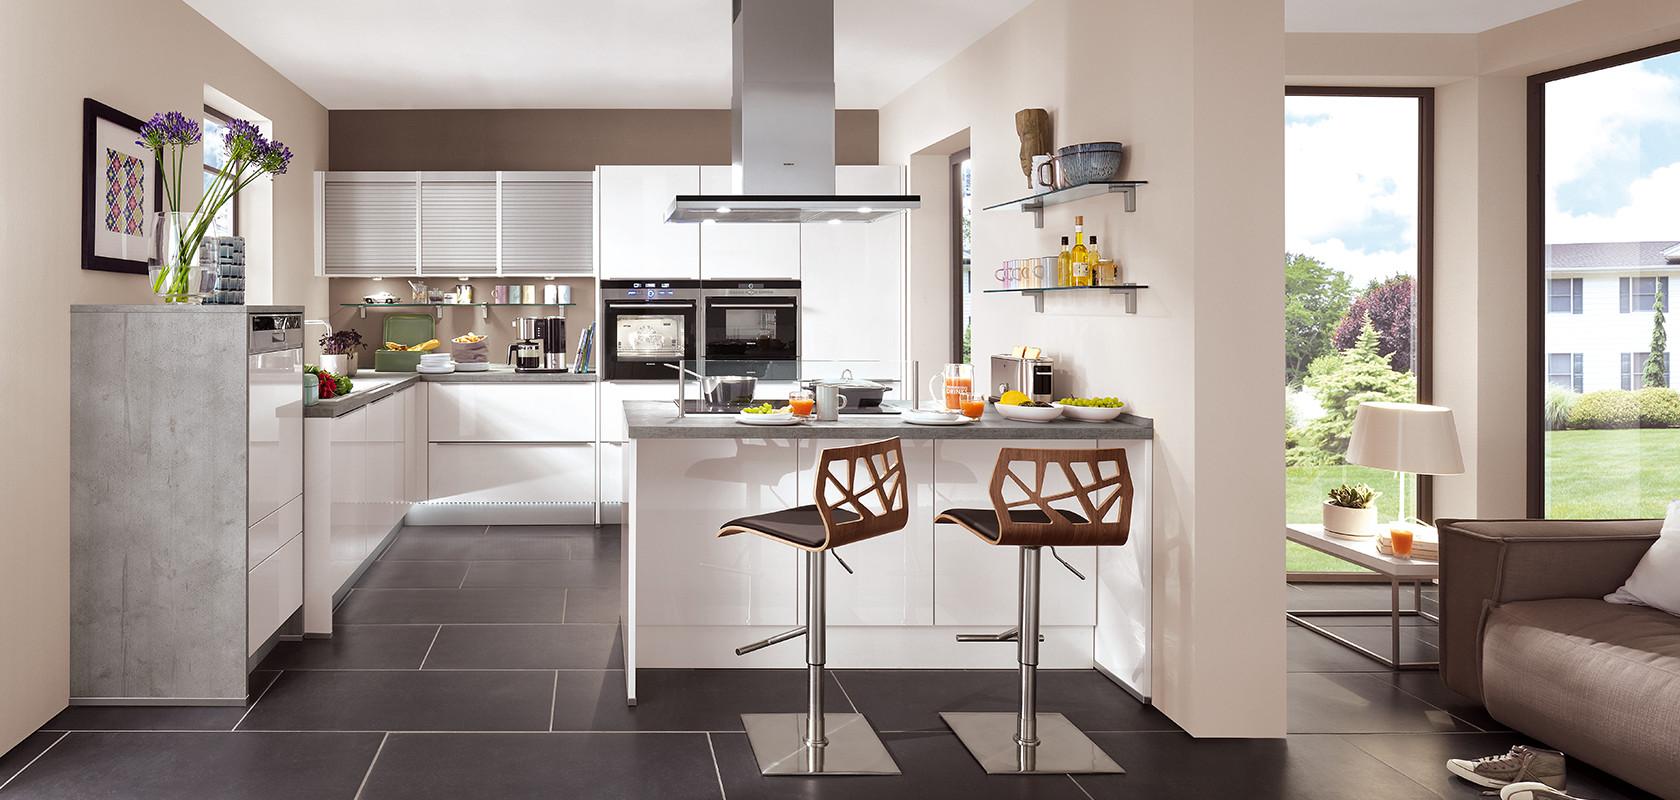 Küche Weiß Hochglanz Großartig On Andere Innerhalb LUX 814 Moderne Küchen Nobilia 6